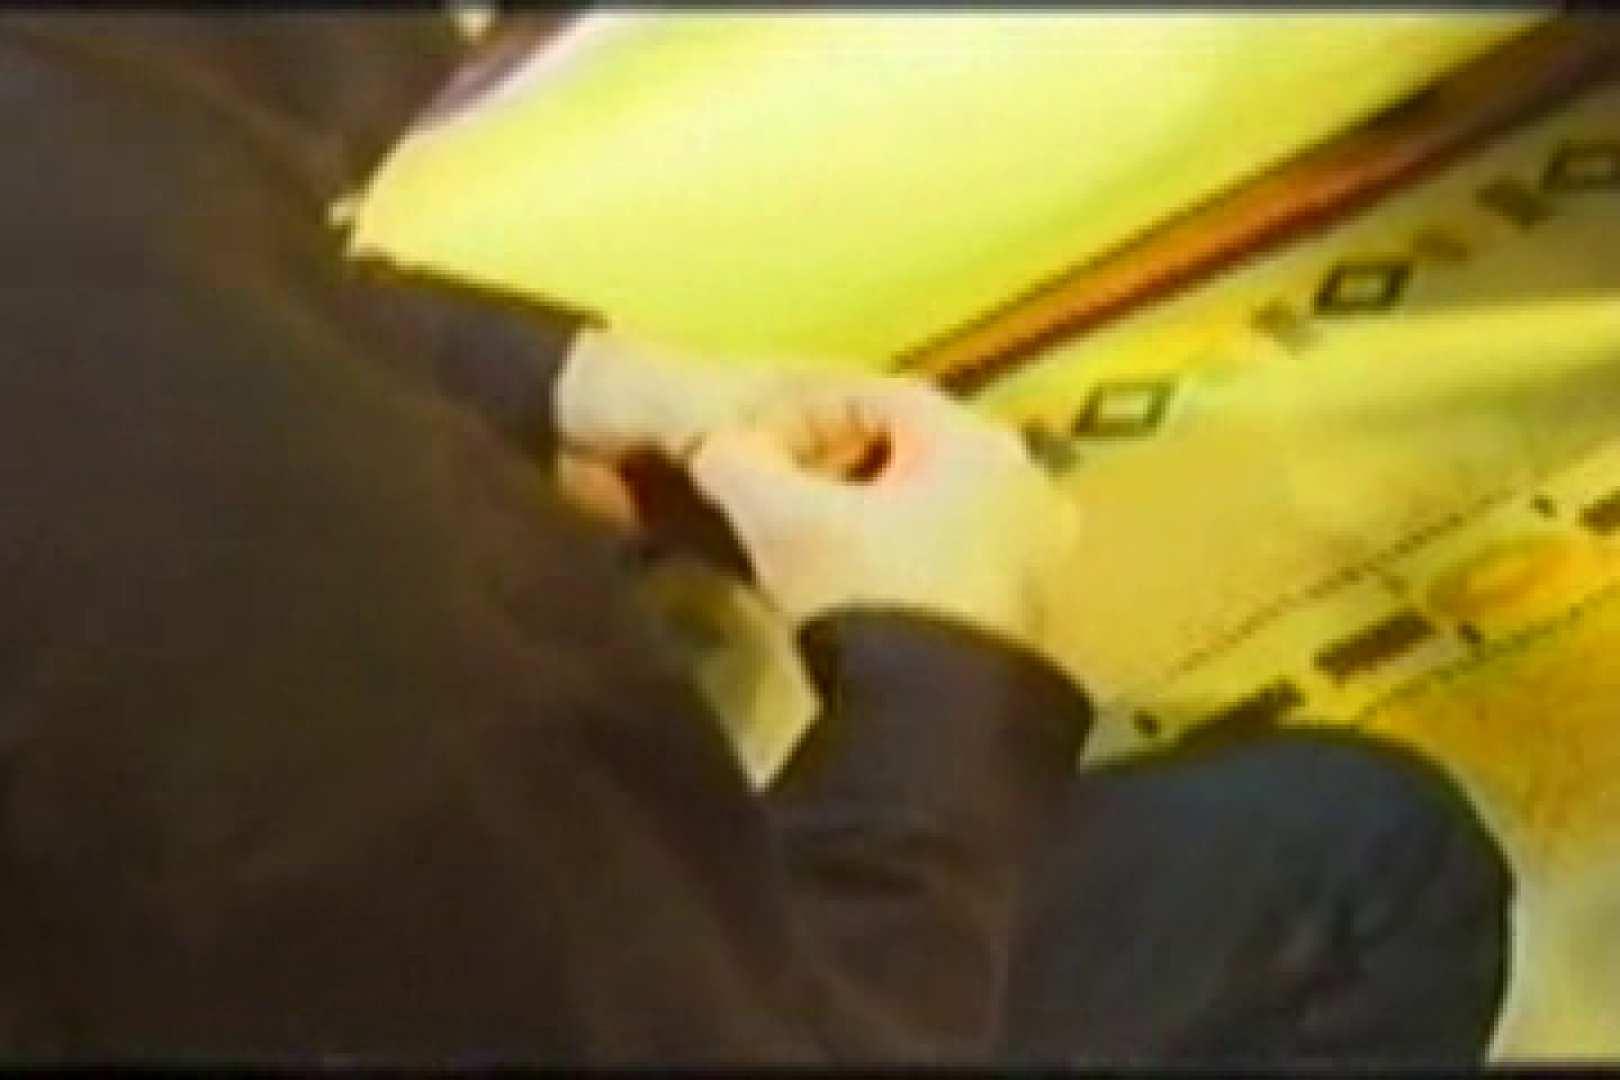 【流出】若者たちの集い オナニー   シックス・ナイン アダルトビデオ画像キャプチャ 48pic 1